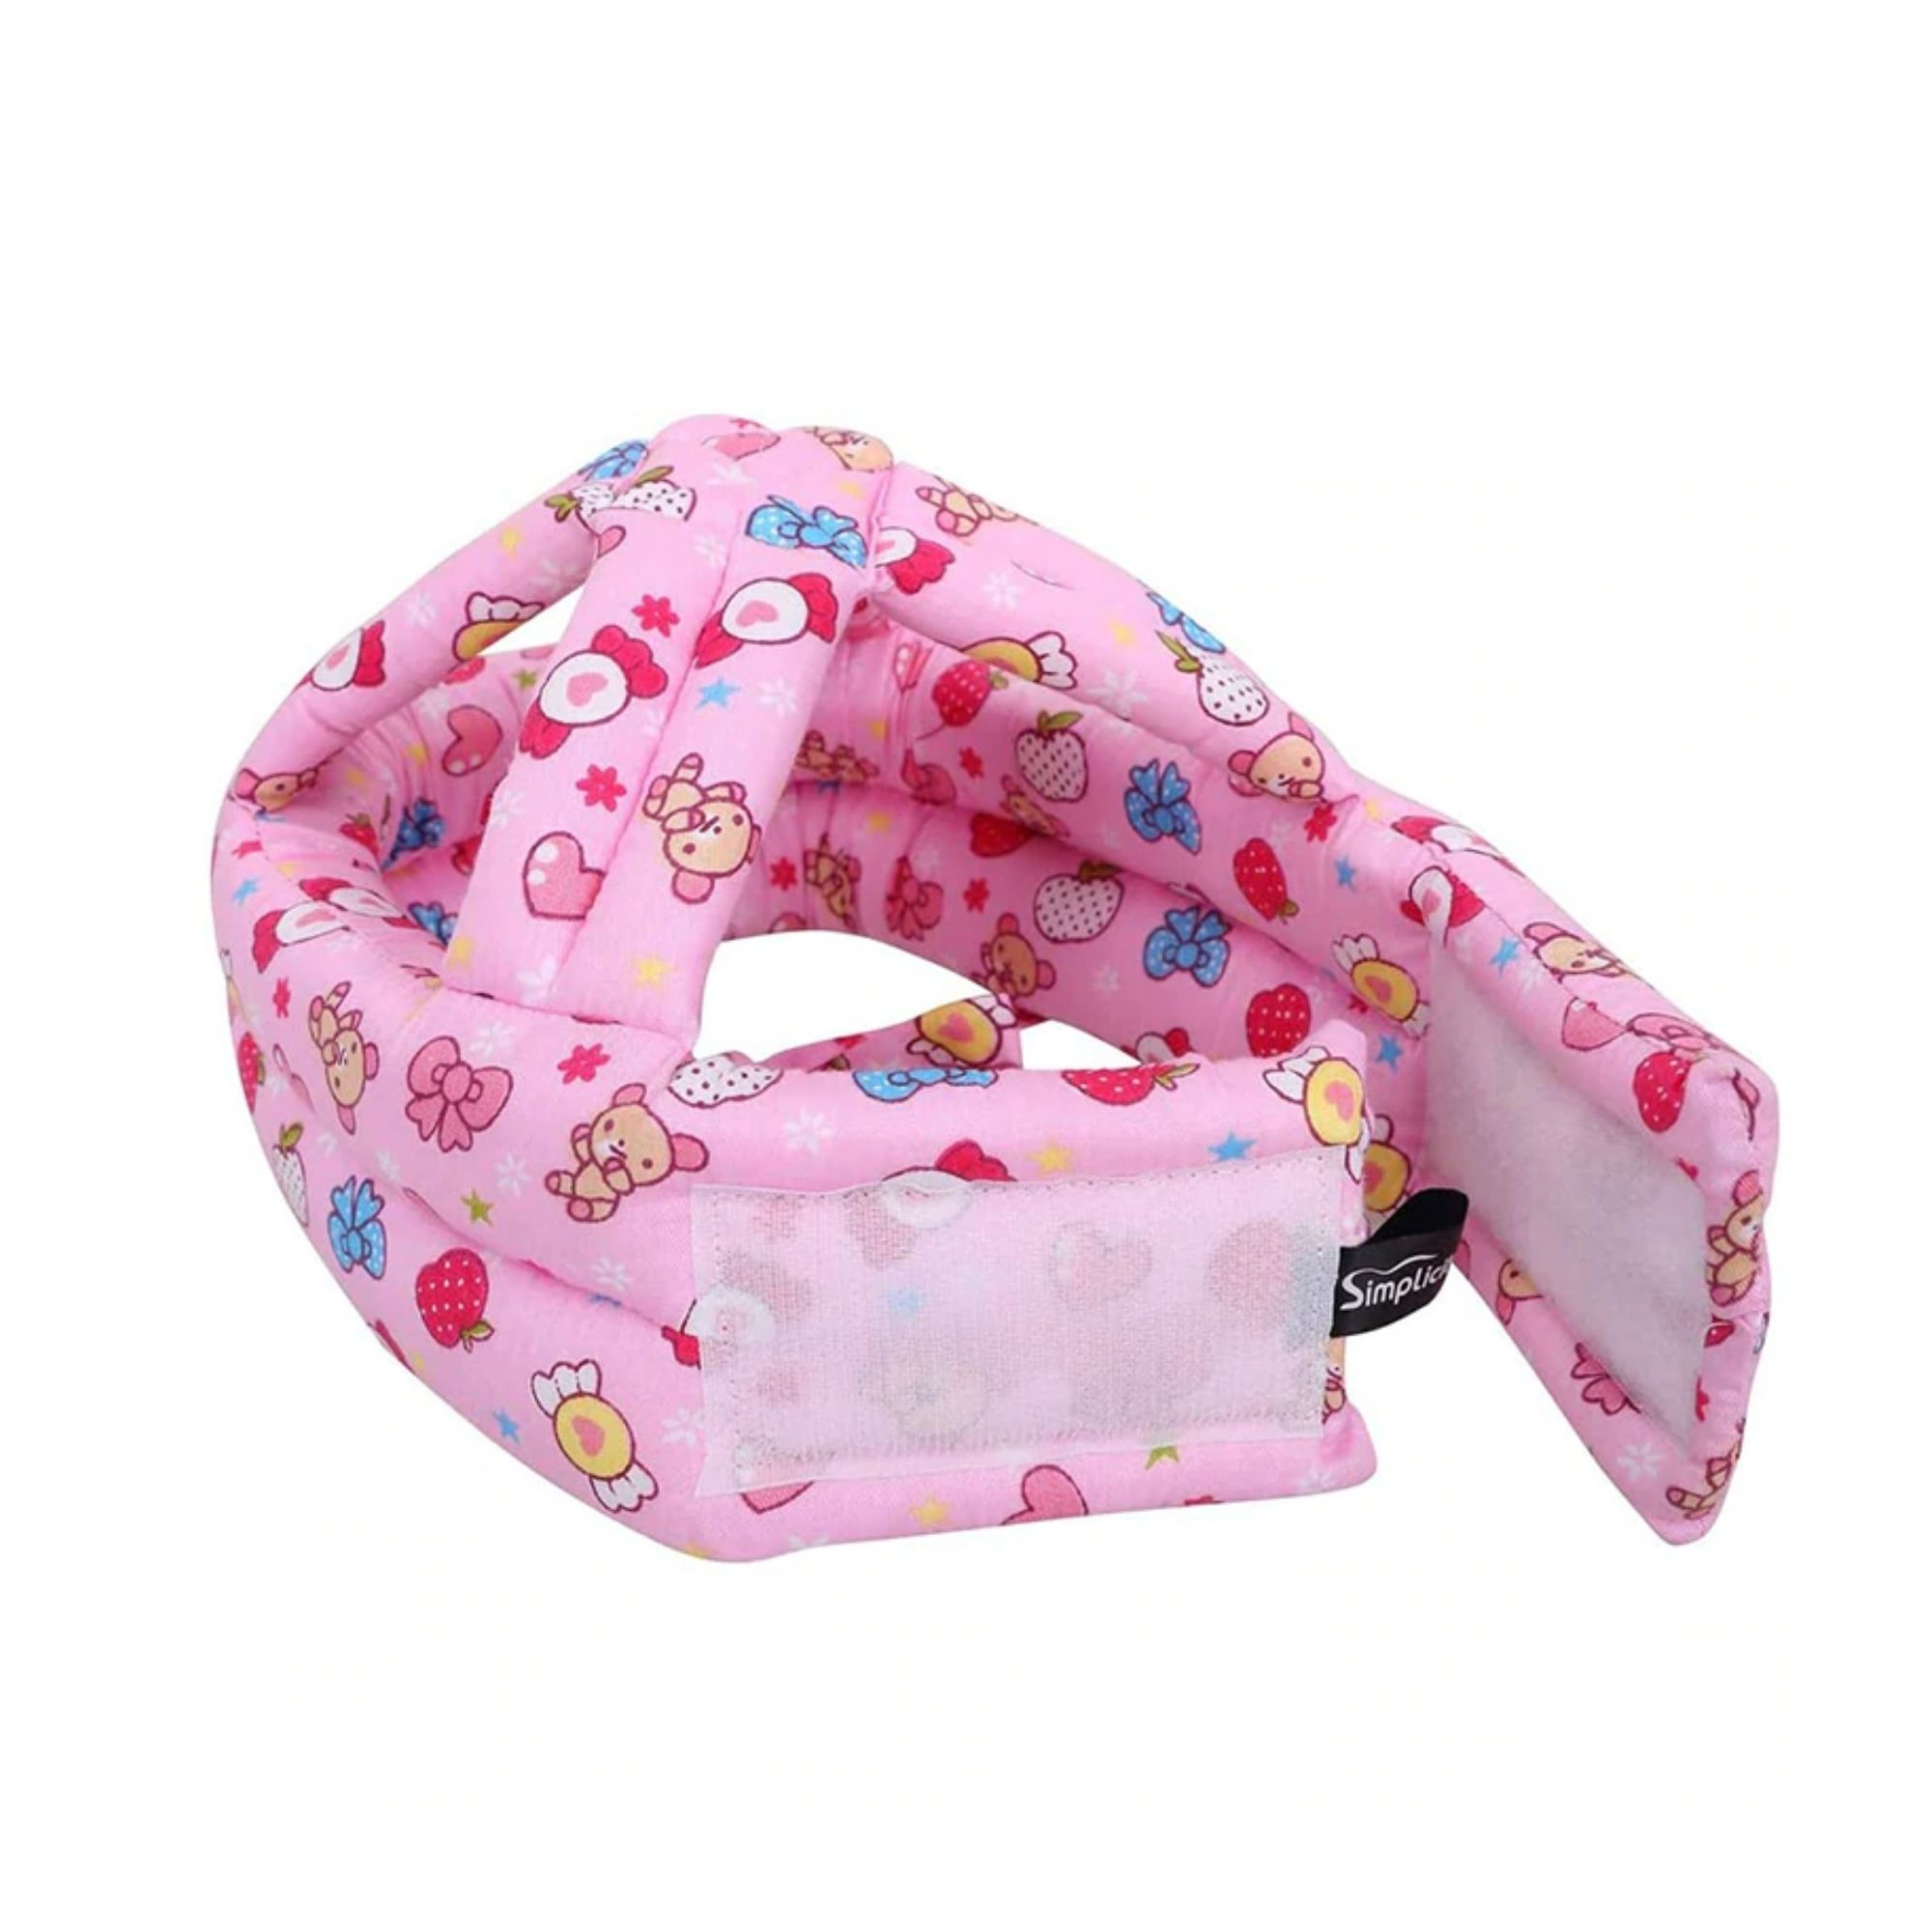 Capacete Protetor de cabeça para Bebês segurança para engatinhar e andar  - Game Land Brinquedos